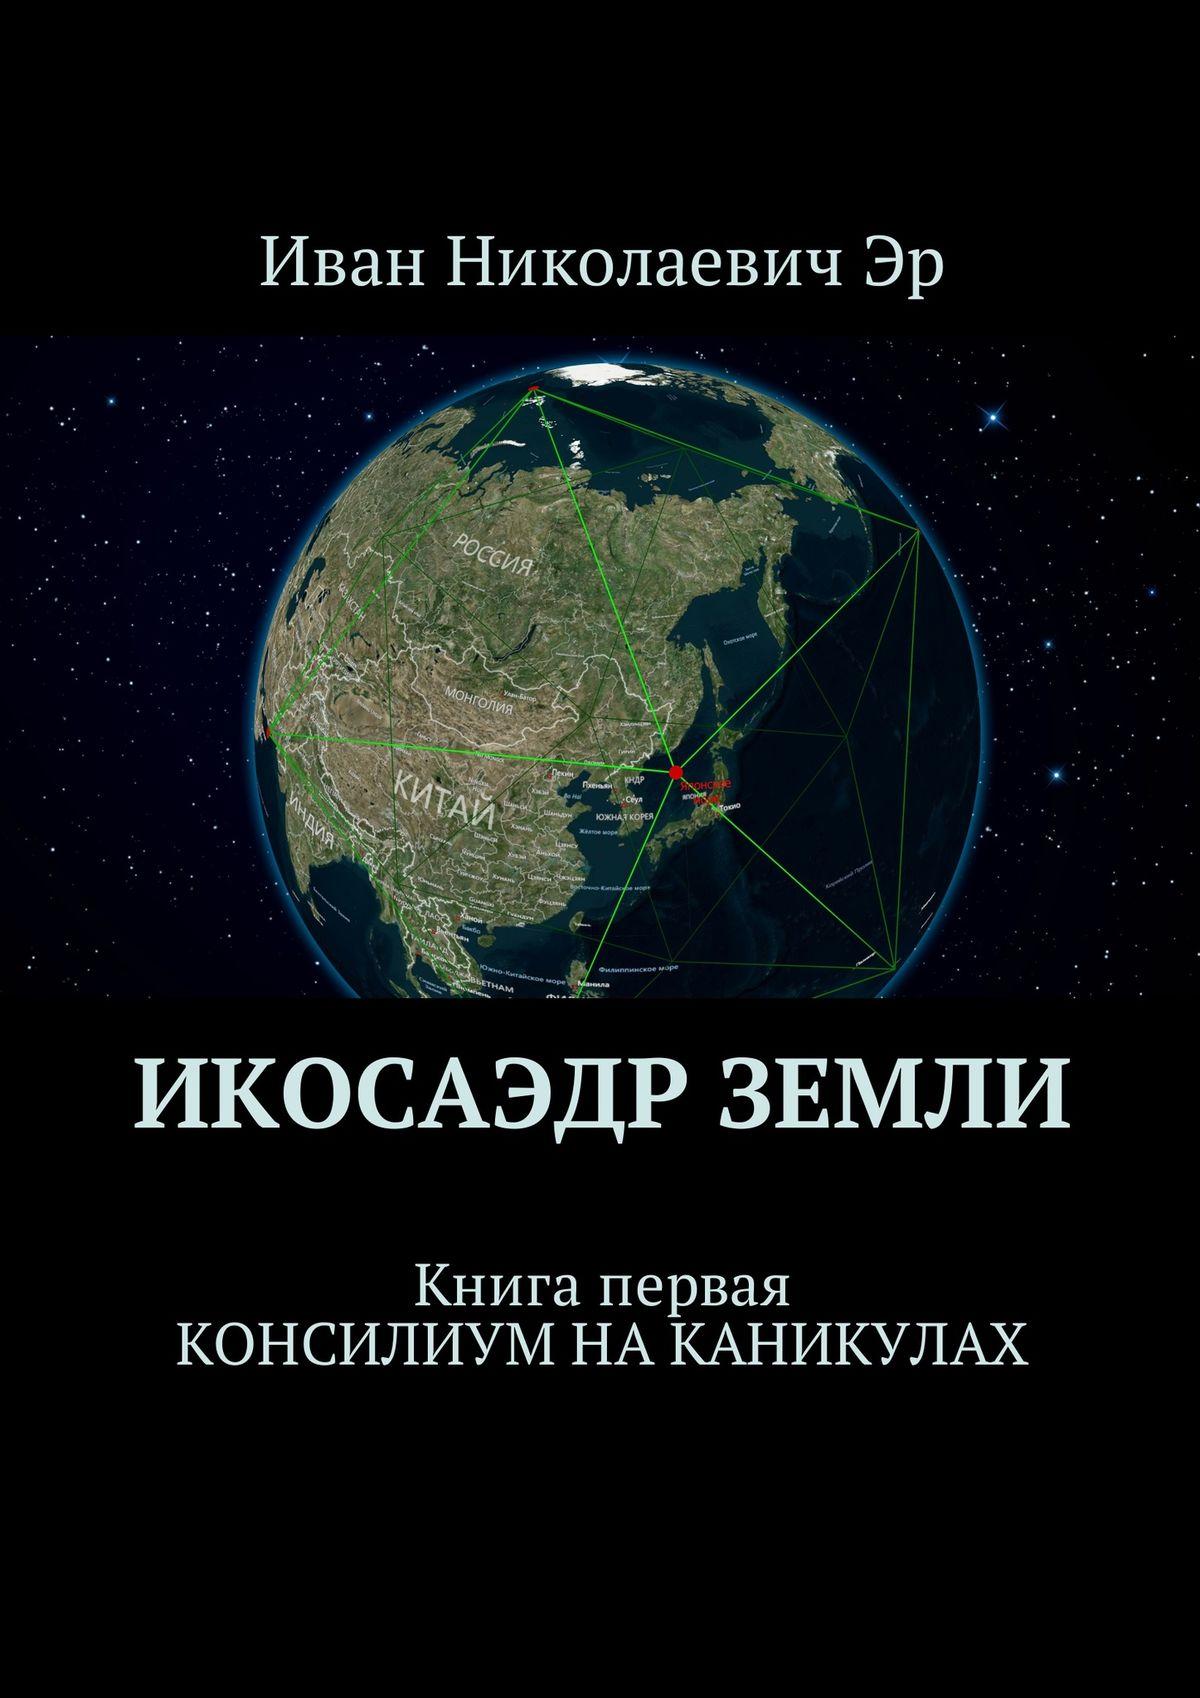 Икосаэдр Земли. Книга первая. Консилиум наканикулах